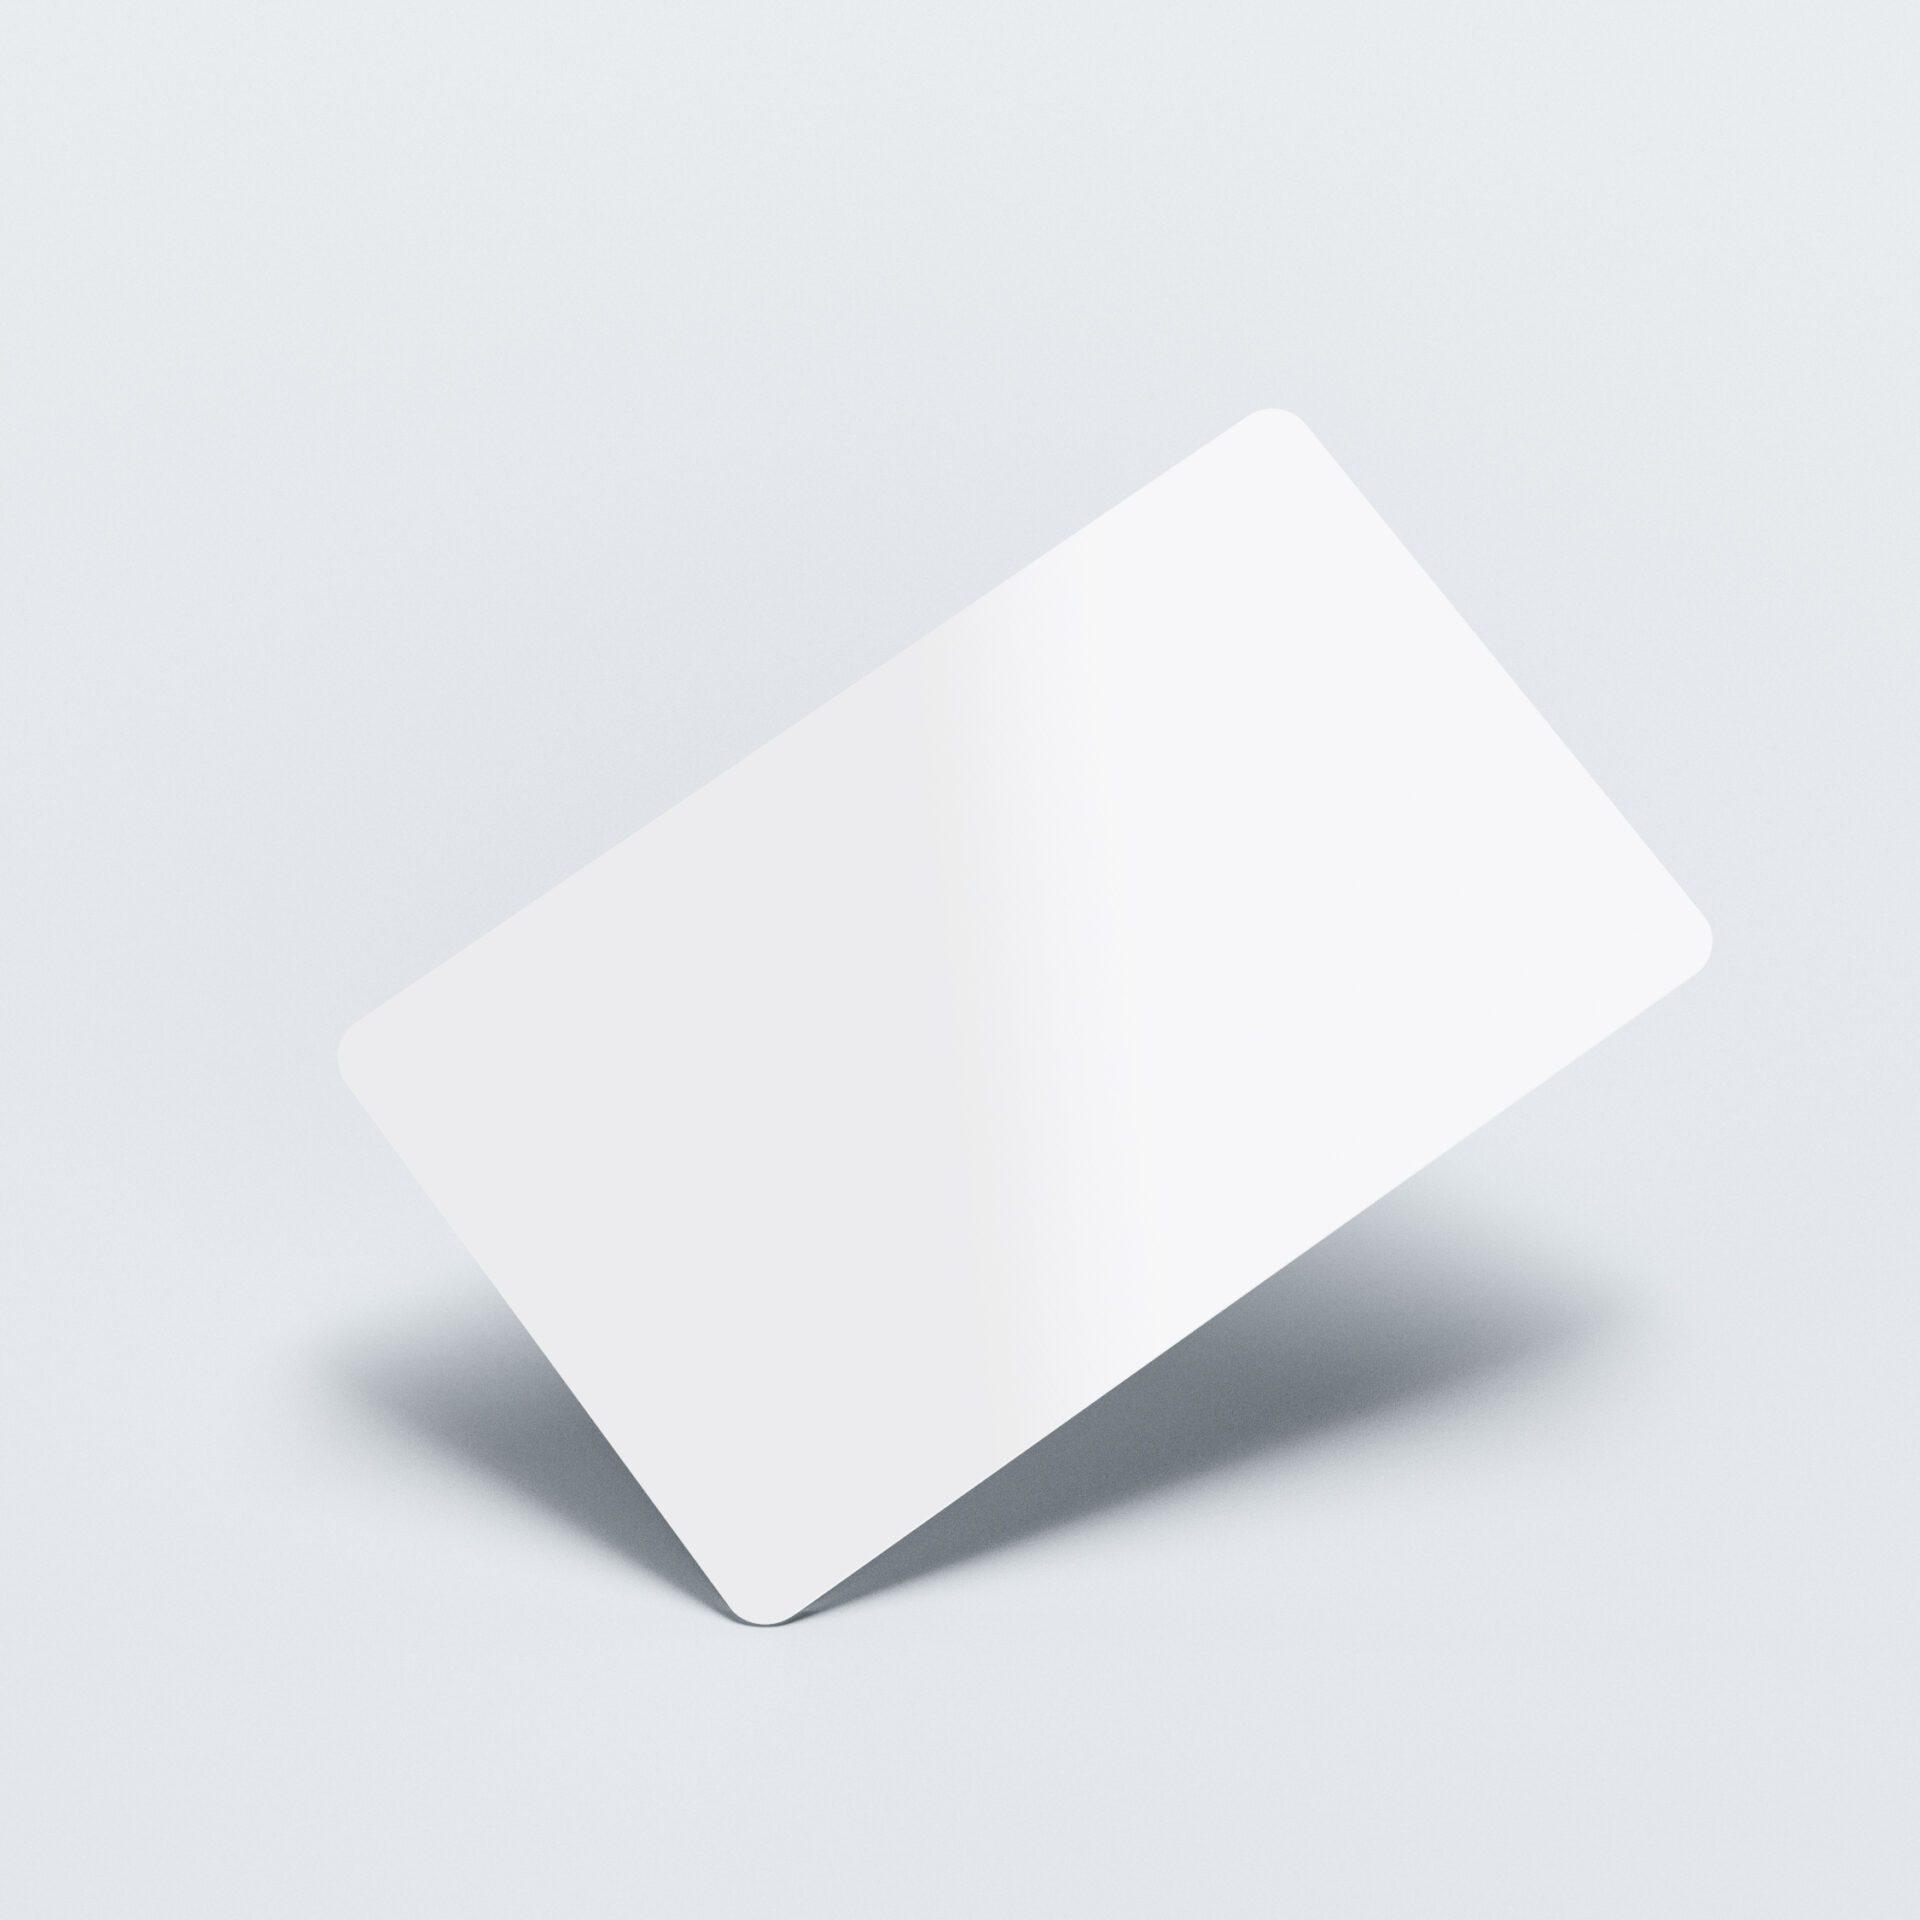 Hvide-plastikkort-med-tryk